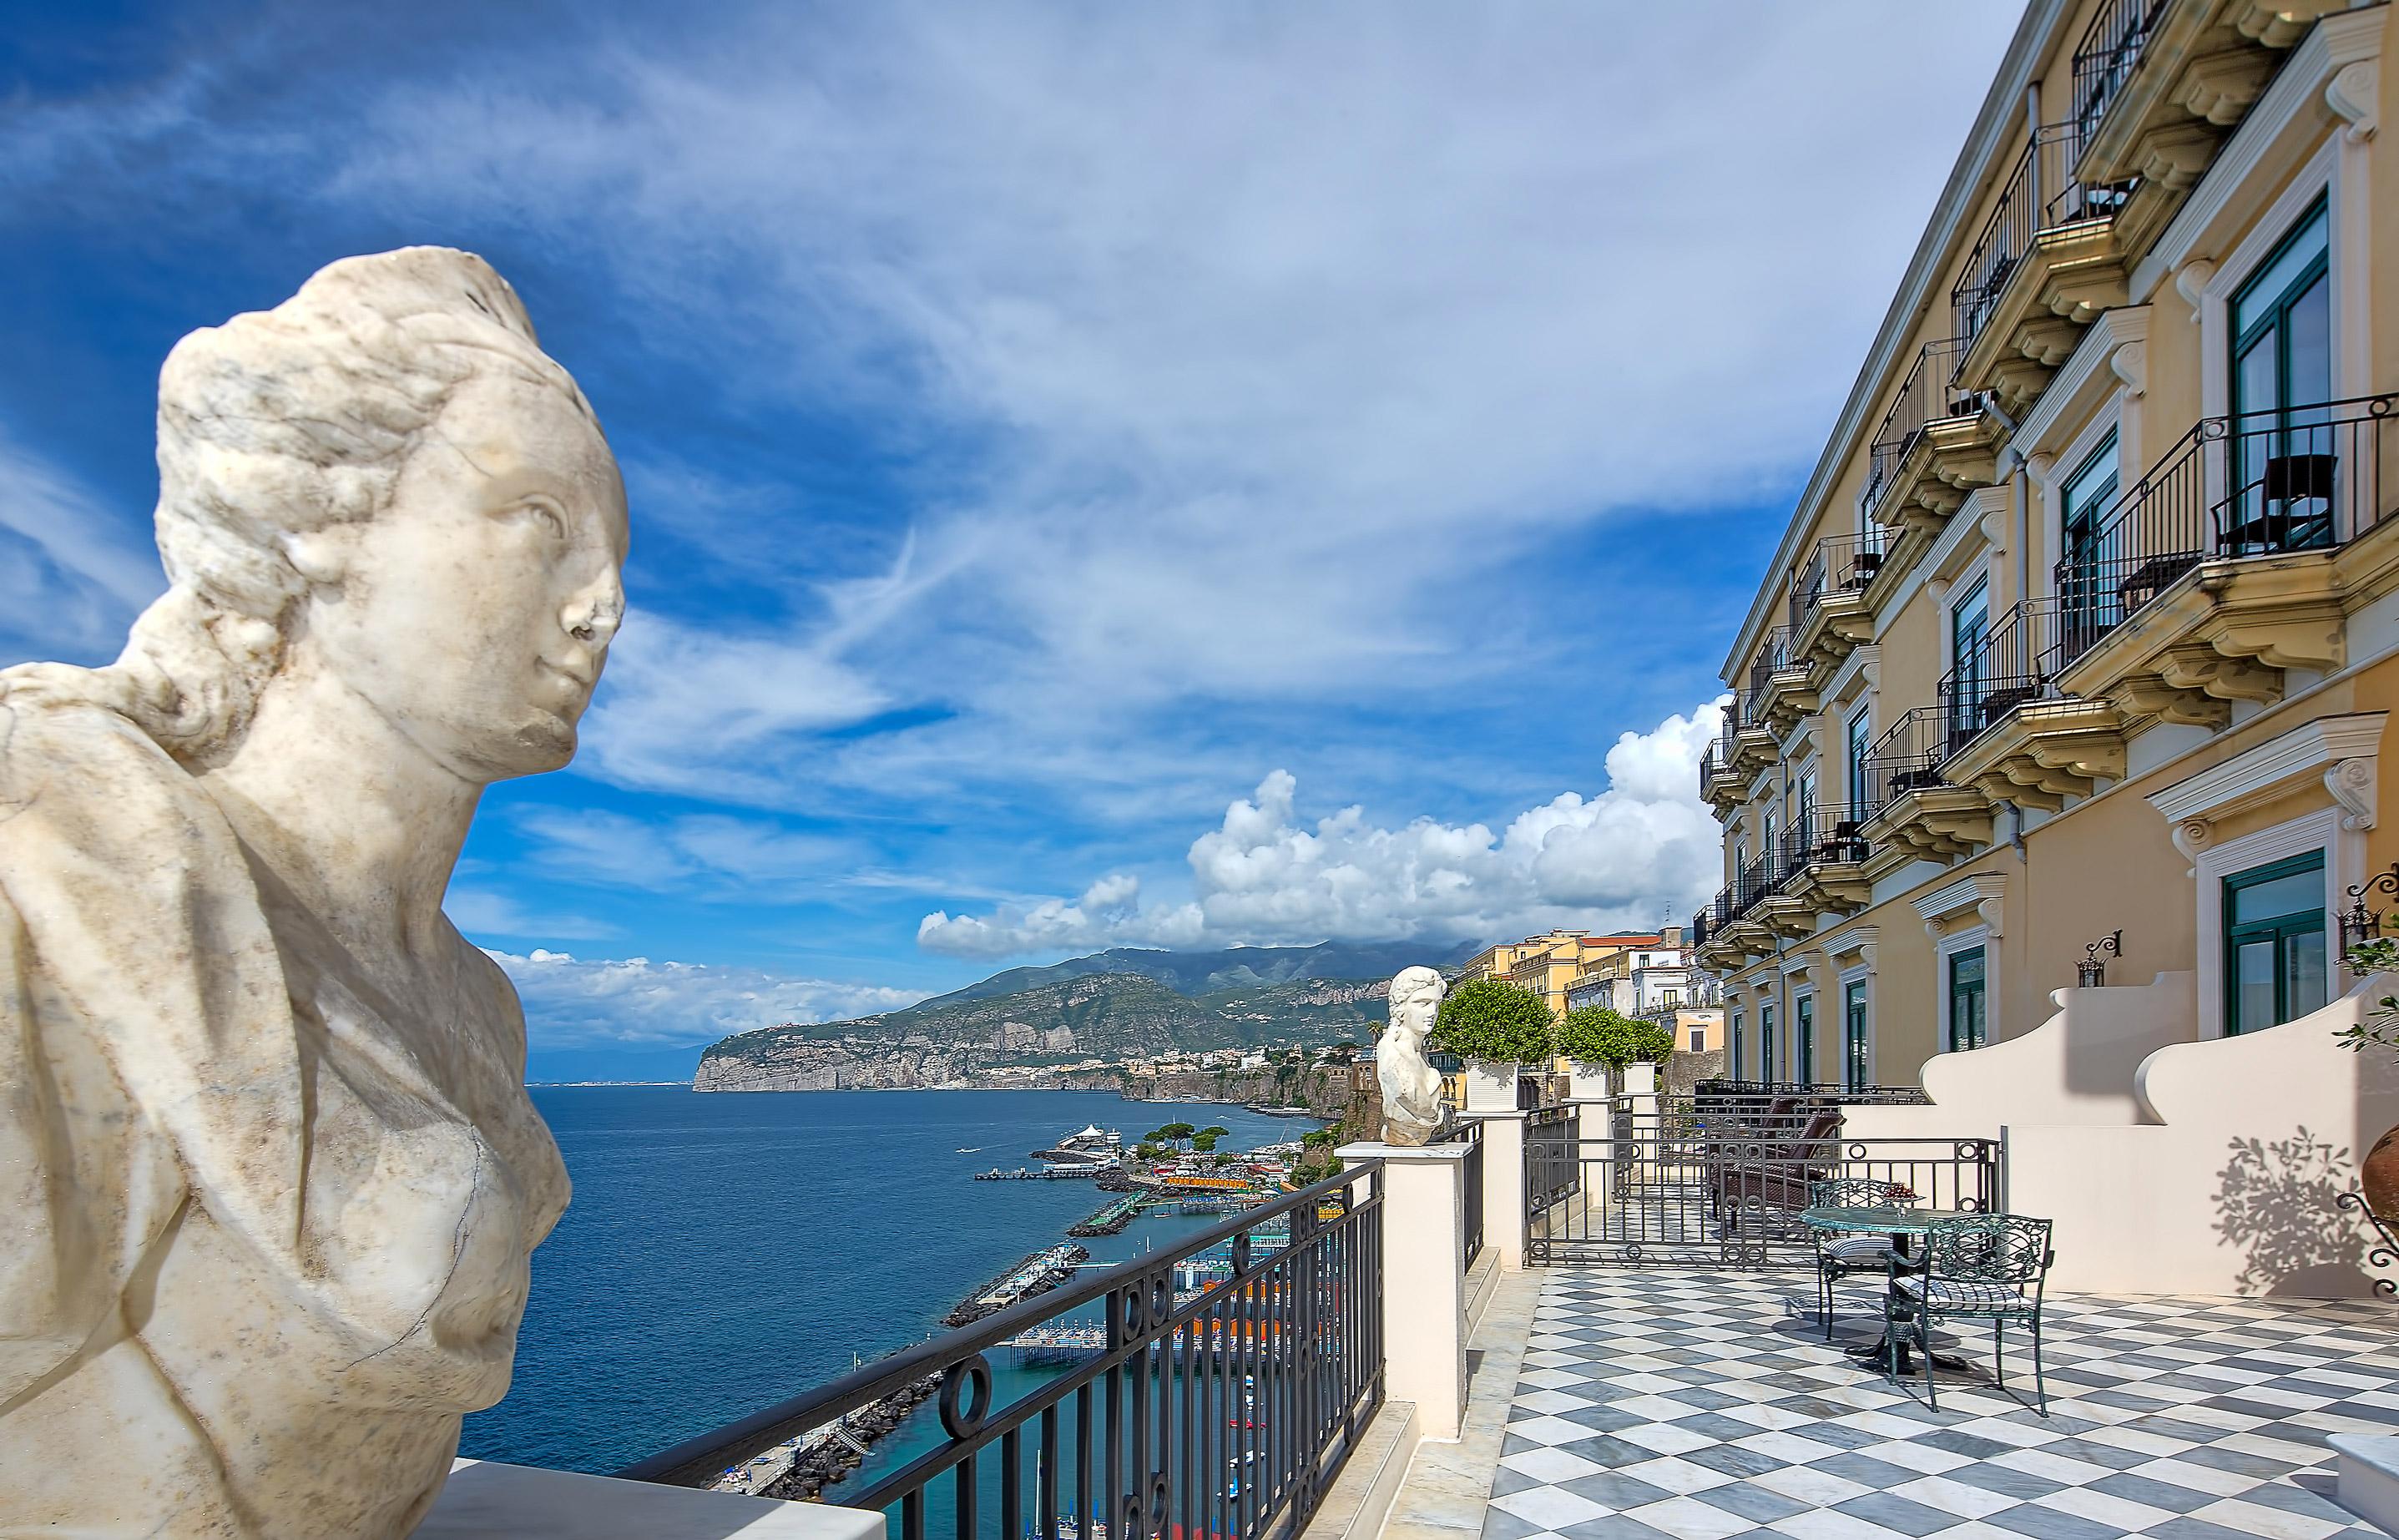 La Suite Roccia di Sorrentio è la Sexiest Room of the World